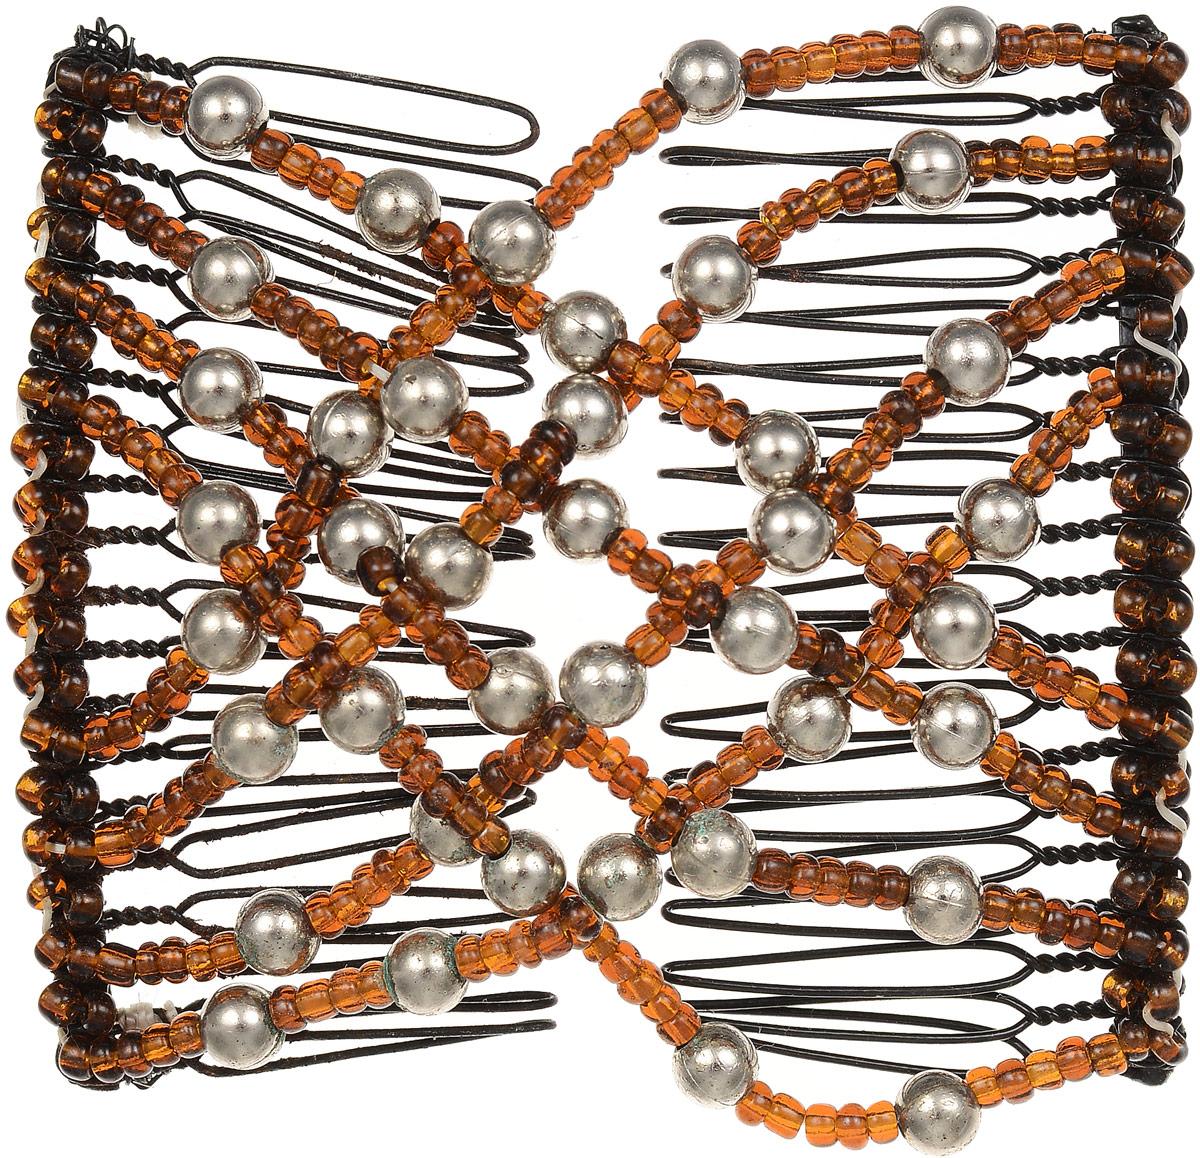 EZ-Combs Заколка Изи-Комбс, одинарная, цвет: коричневый, серебристый. ЗИОЗИО_коричневый, серебристый жемчугУдобная и практичная EZ-Combs подходит для любого типа волос: тонких, жестких, вьющихся или прямых, и не наносит им никакого вреда. Заколка не мешает движениям головы и не создает дискомфорта, когда вы отдыхаете или управляете автомобилем. Каждый гребень имеет по 20 зубьев для надежной фиксации заколки на волосах! И даже во время бега и интенсивных тренировок в спортзале EZ-Combs не падает; она прочно фиксирует прическу, сохраняя укладку в первозданном виде. Небольшая и легкая заколка для волос EZ-Combs поместится в любой дамской сумочке, позволяя быстро и без особых усилий создавать неповторимые прически там, где вам это удобно. Гребень прекрасно сочетается с любой одеждой: будь это классический или спортивный стиль, завершая гармоничный облик современной леди. И неважно, какой образ жизни вы ведете, если у вас есть EZ-Combs, вы всегда будете выглядеть потрясающе.